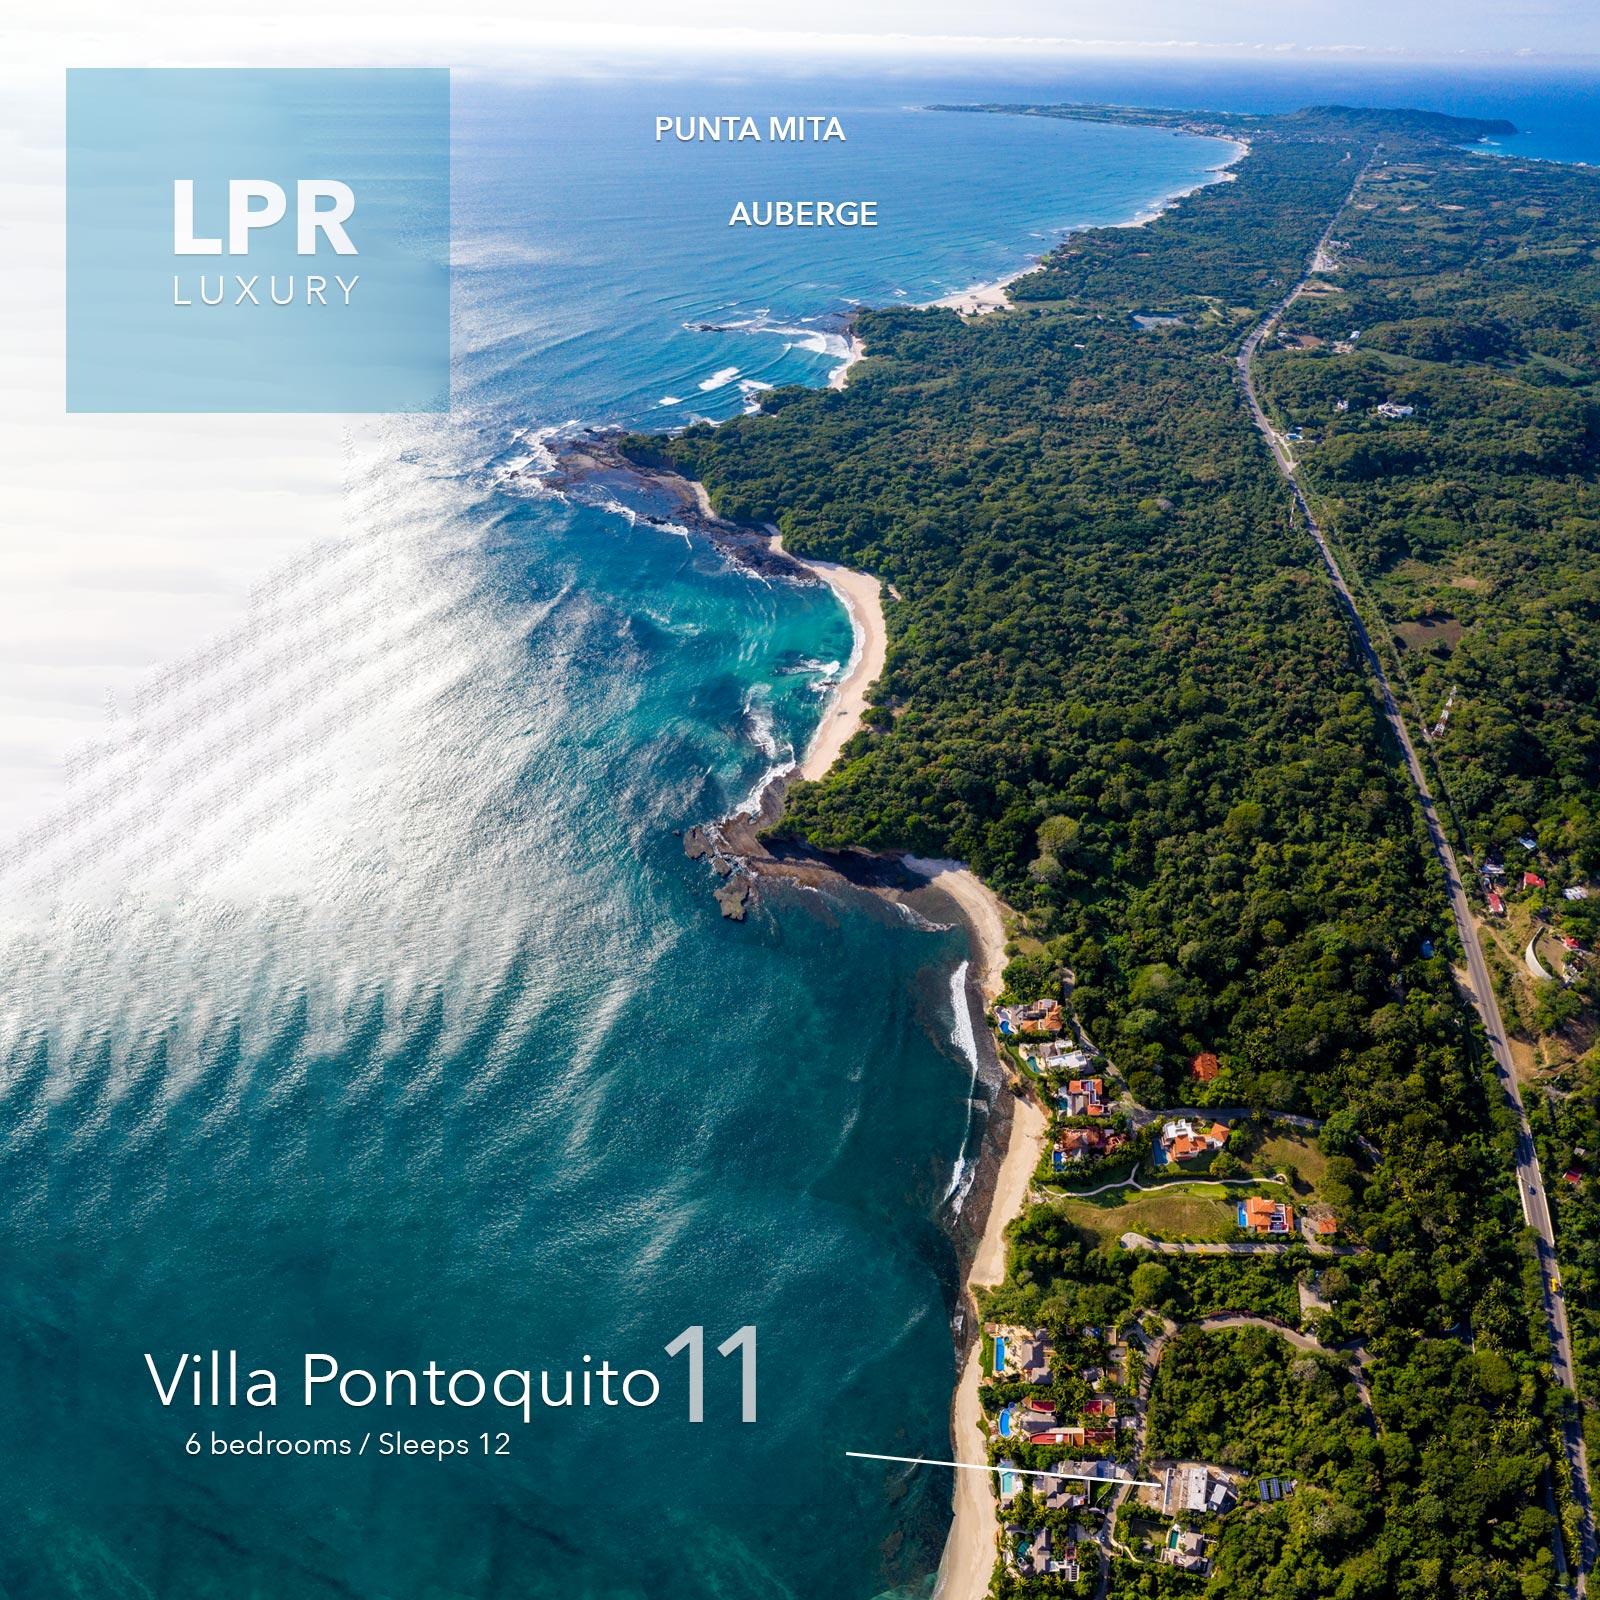 Villa Pontoquito 11 - Luxury vacation rental villa for sale - Punta de Mita real estate - Riviera Nayarit, Mexico